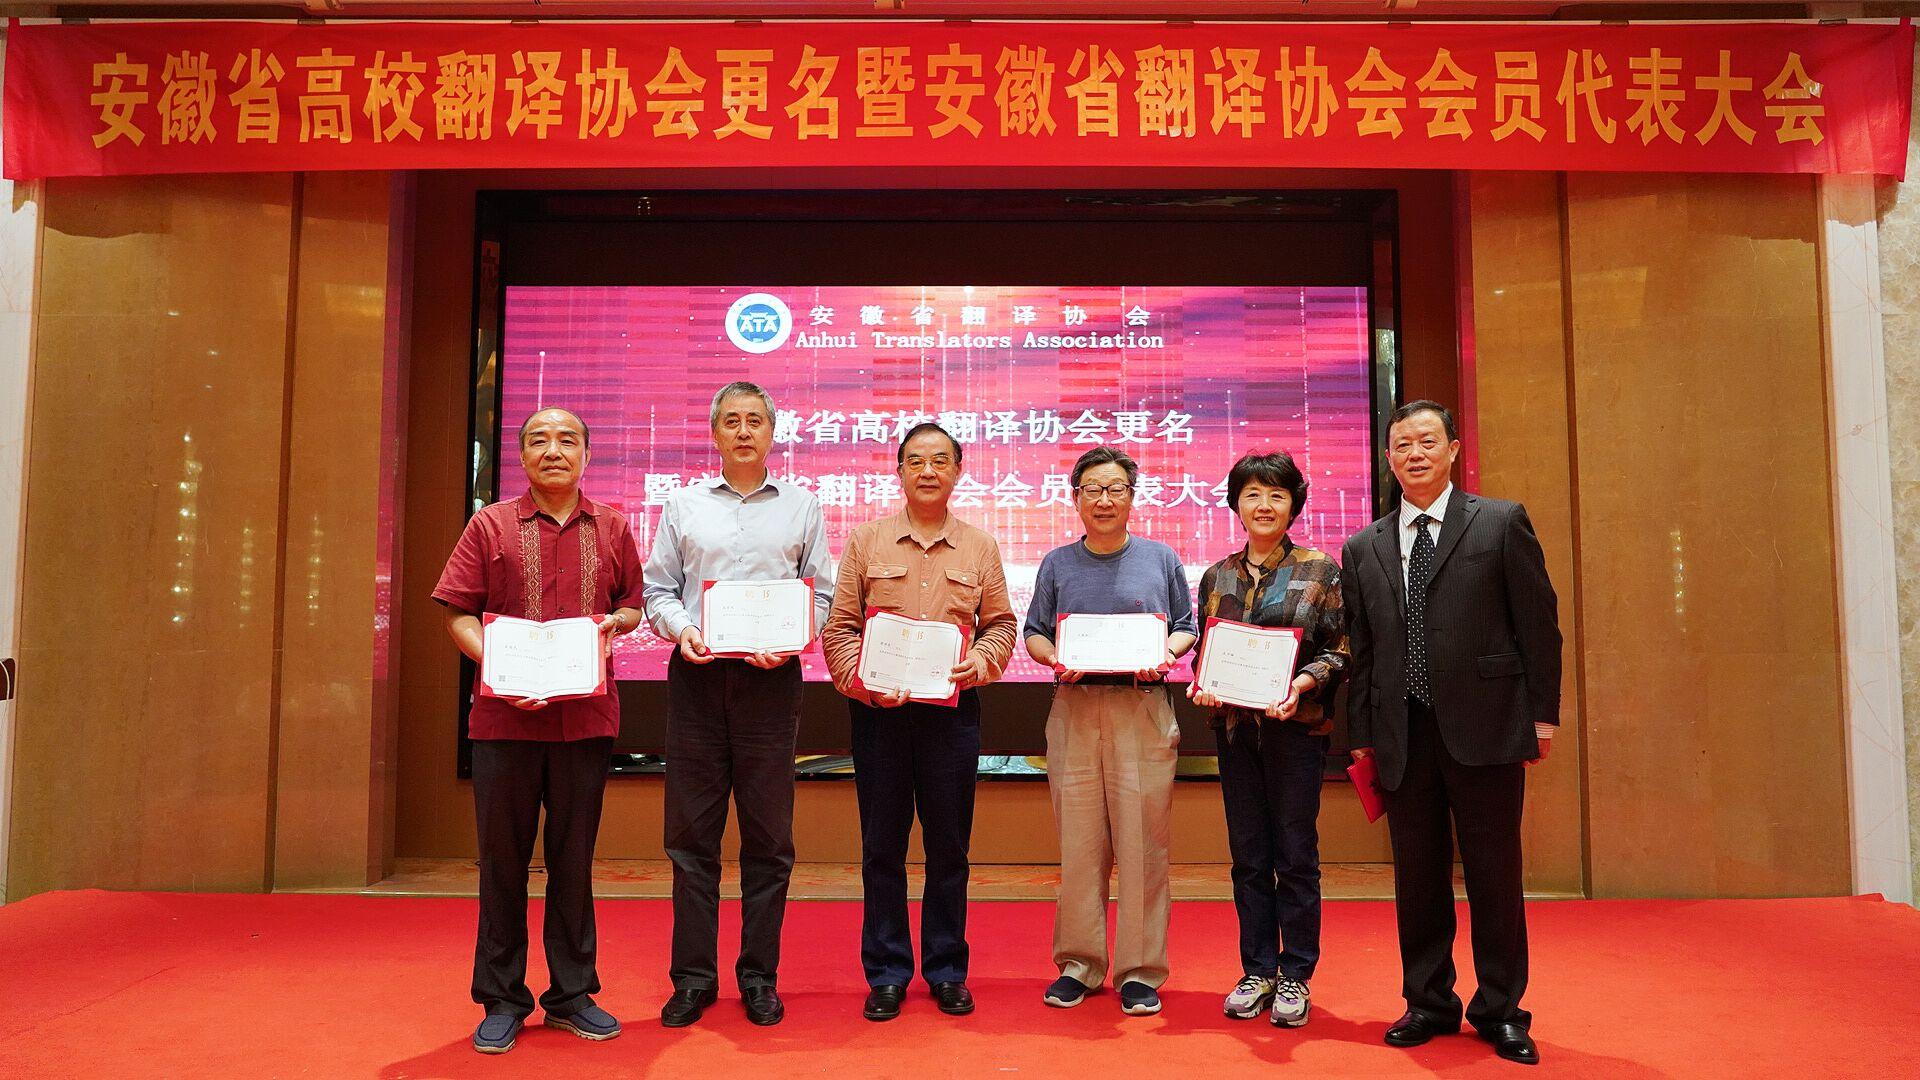 安徽省高校翻译协会更名大会暨会员代表大会召开